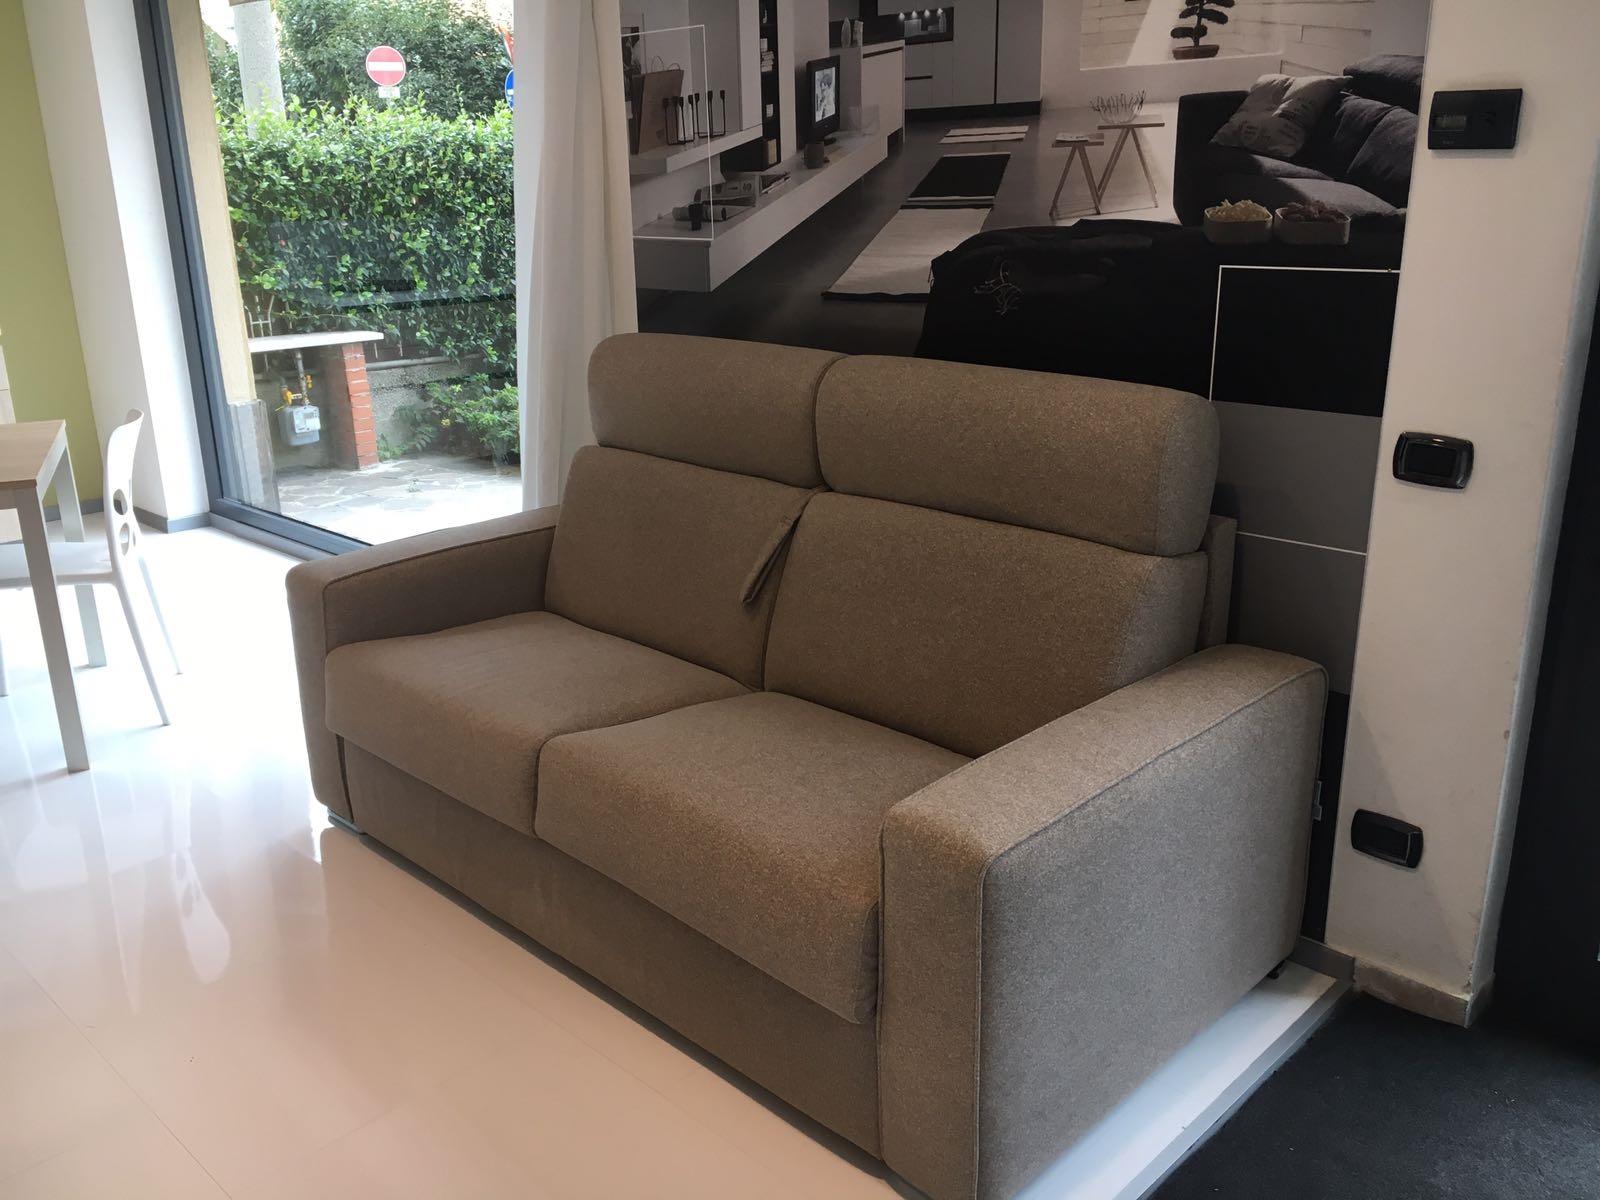 La casa del divano letto good divani letto per - Divano letto a poco prezzo ...